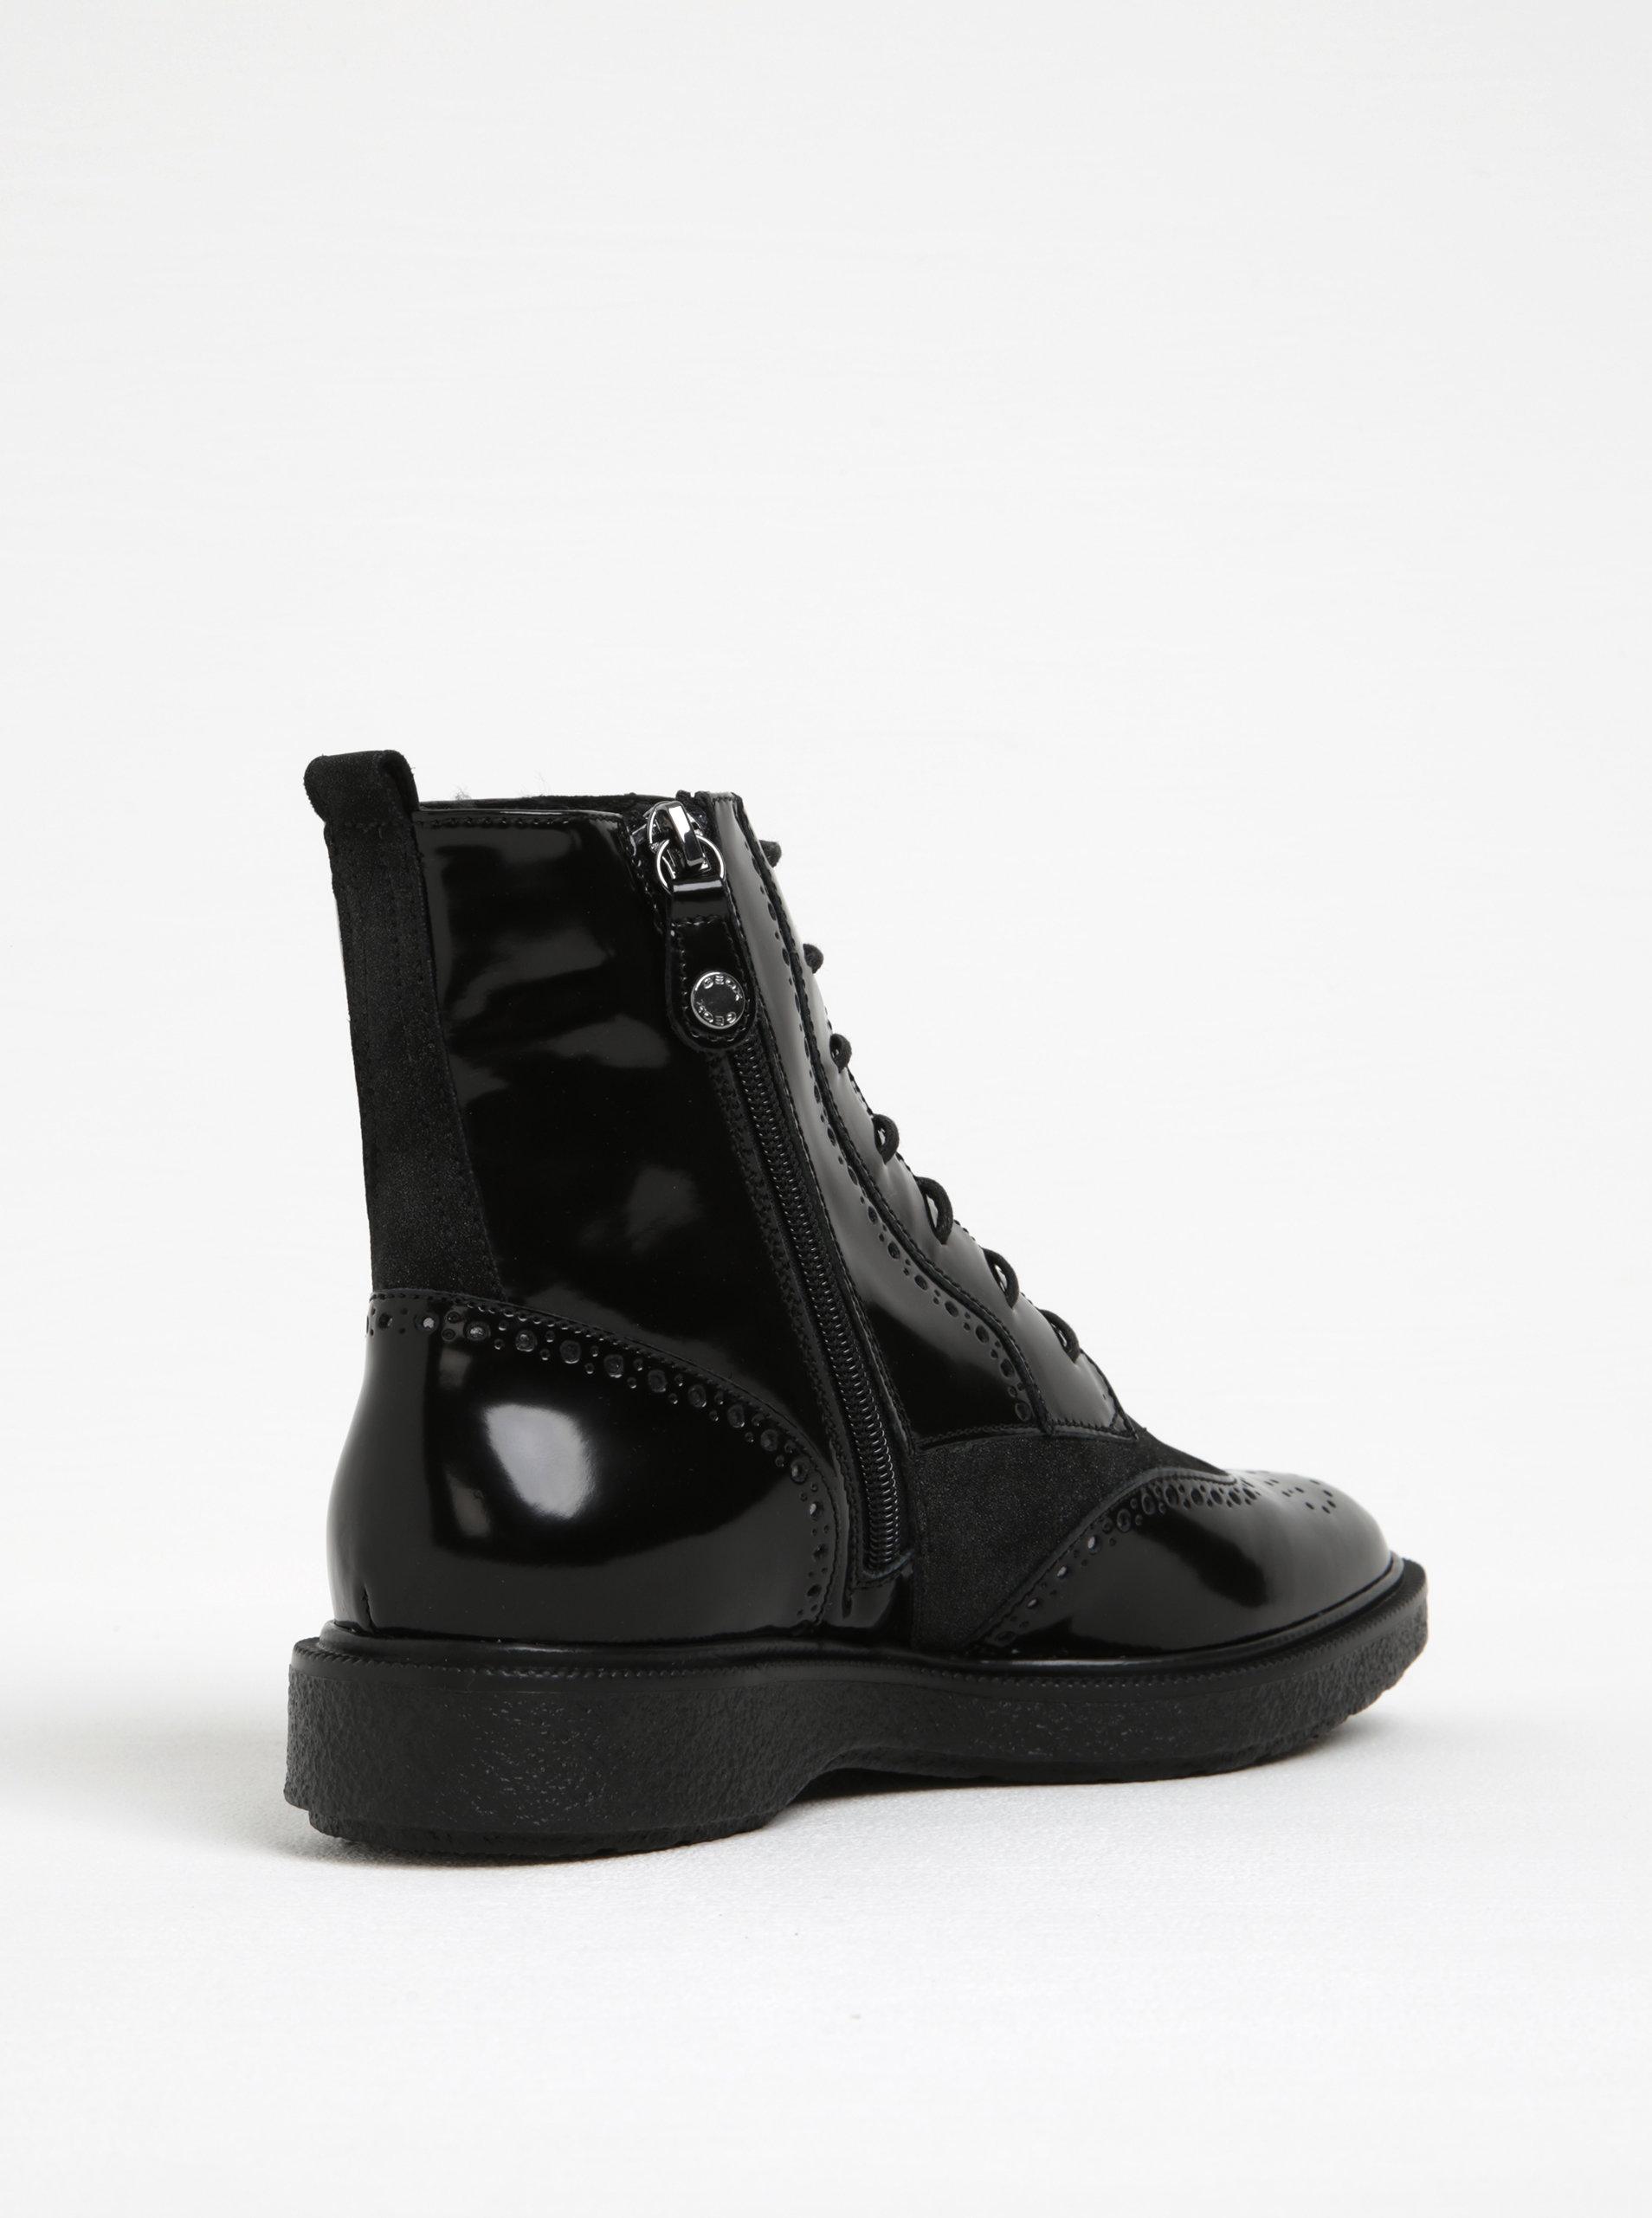 4e7d8043b30c Čierne dámske lesklé členkové kožené topánky Geox Prestyn A ...